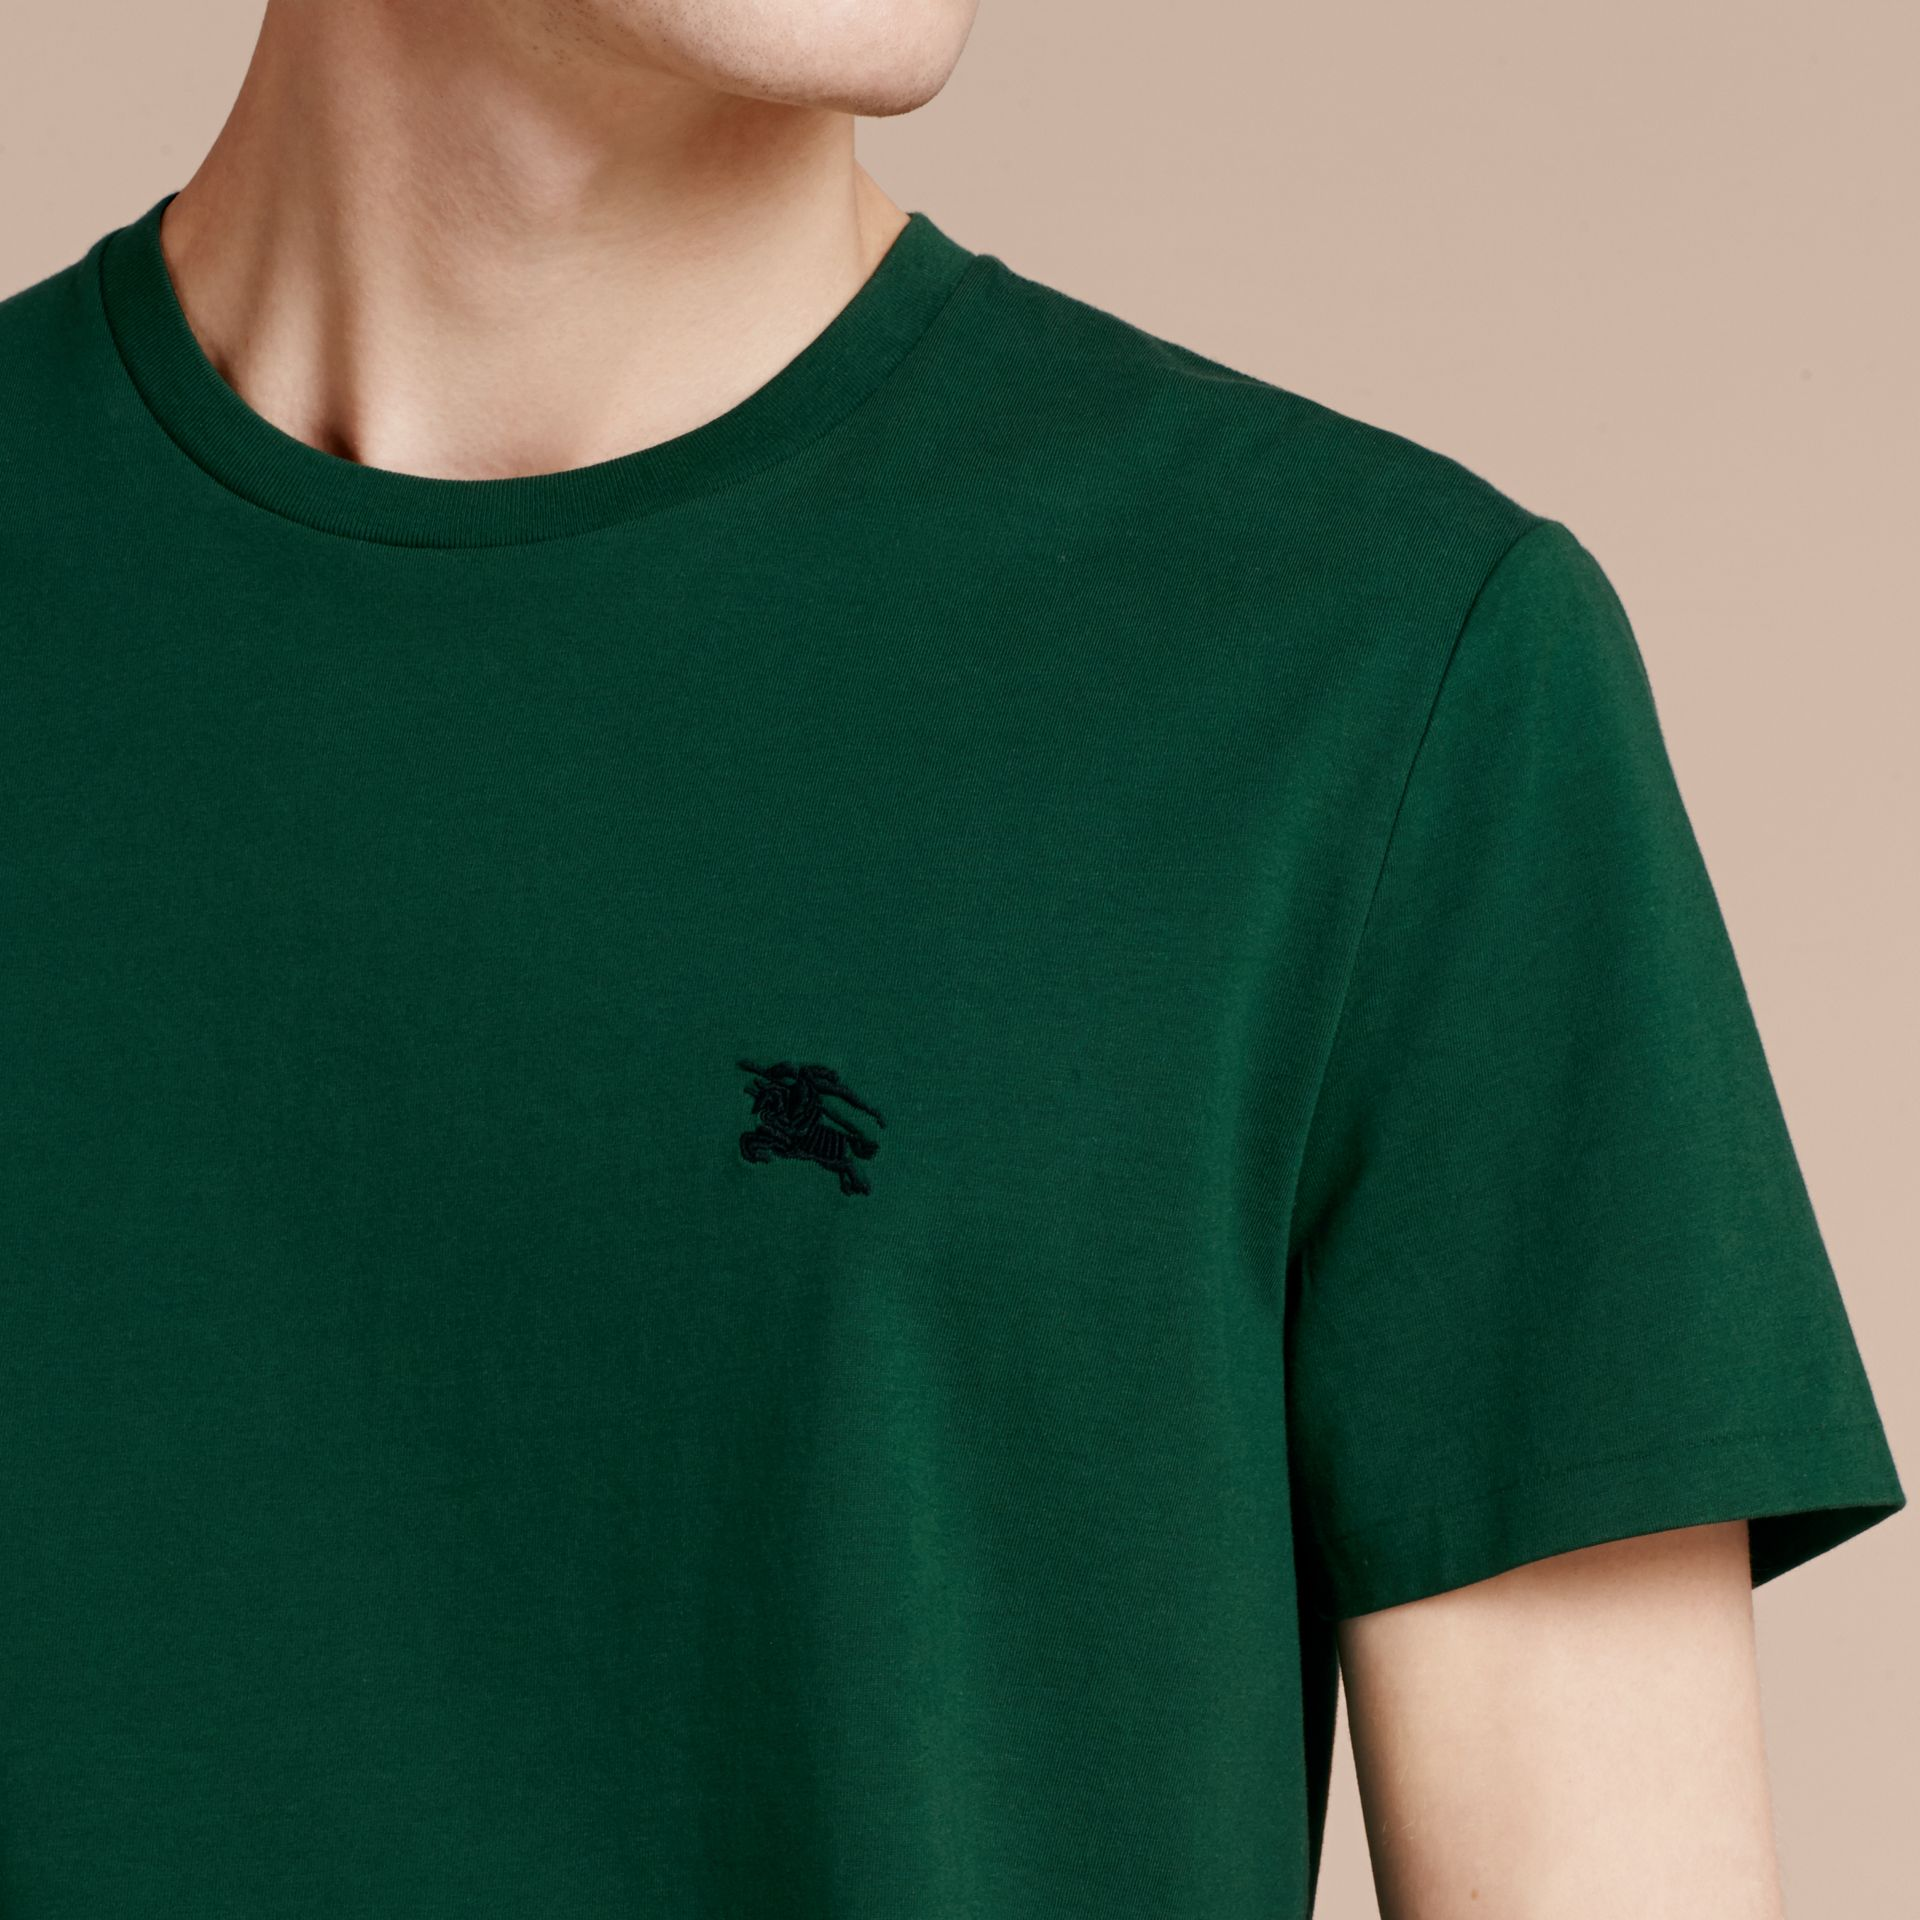 Vert racing T-shirt en coton ultra-doux Vert Racing - photo de la galerie 5